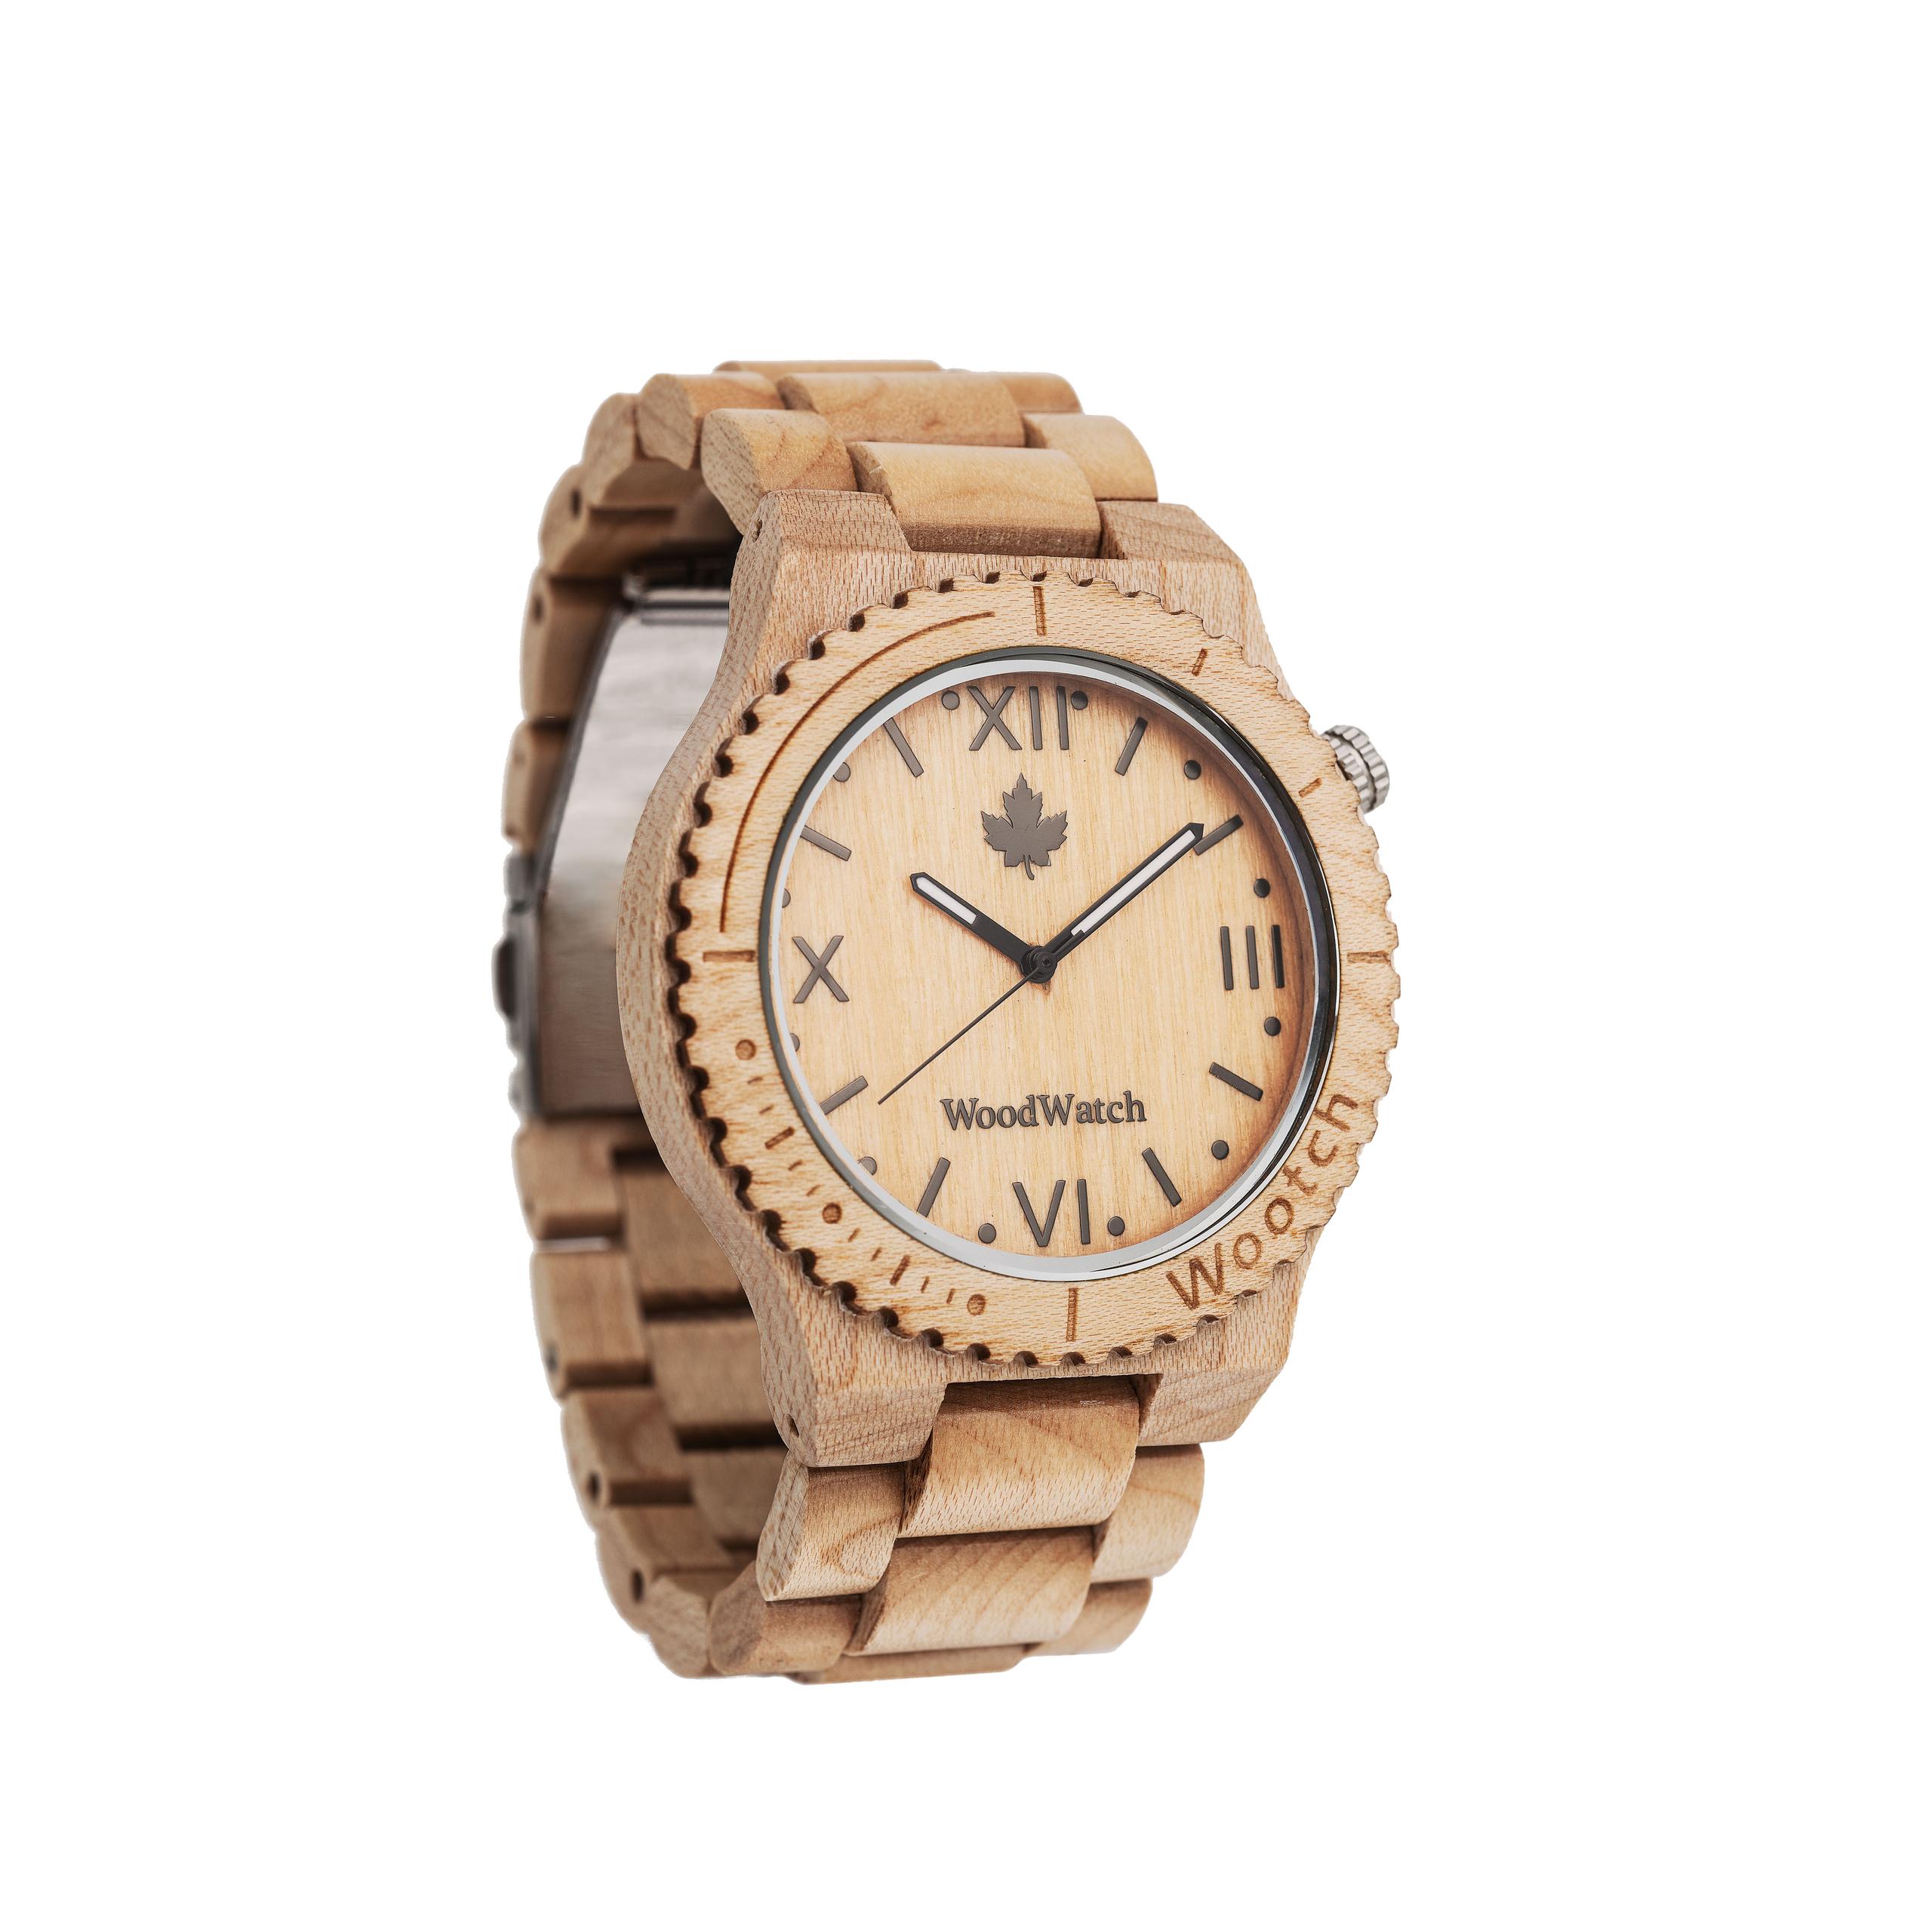 Houten Horloge Wootch Maple